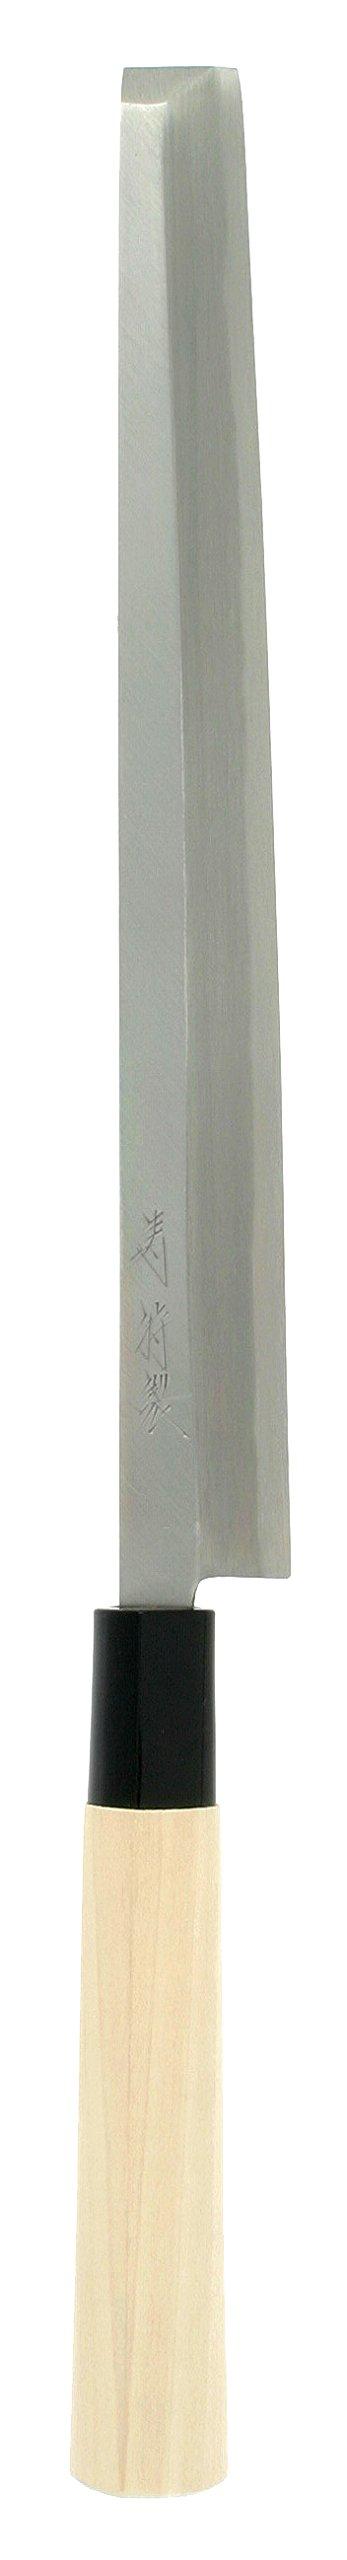 Kotobuki High Carbon Japanese Takobiki Sashimi Knife, 240mm, Silver